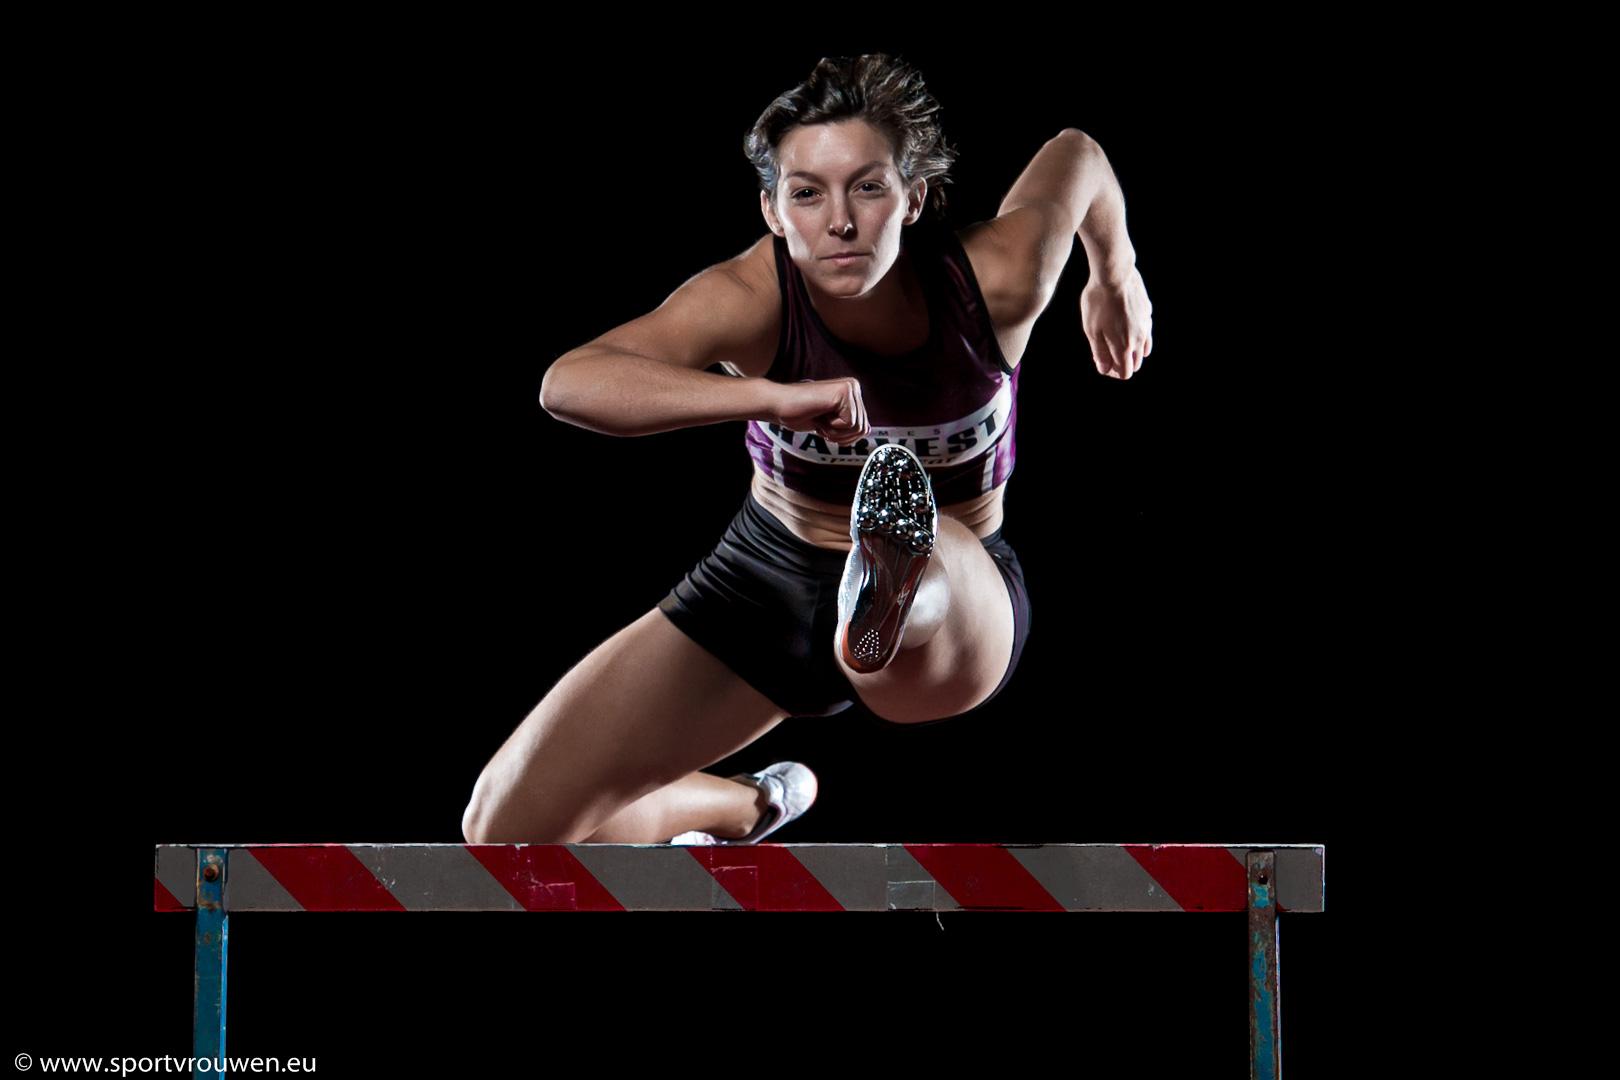 Sportvrouwen : Atletiek - Horde